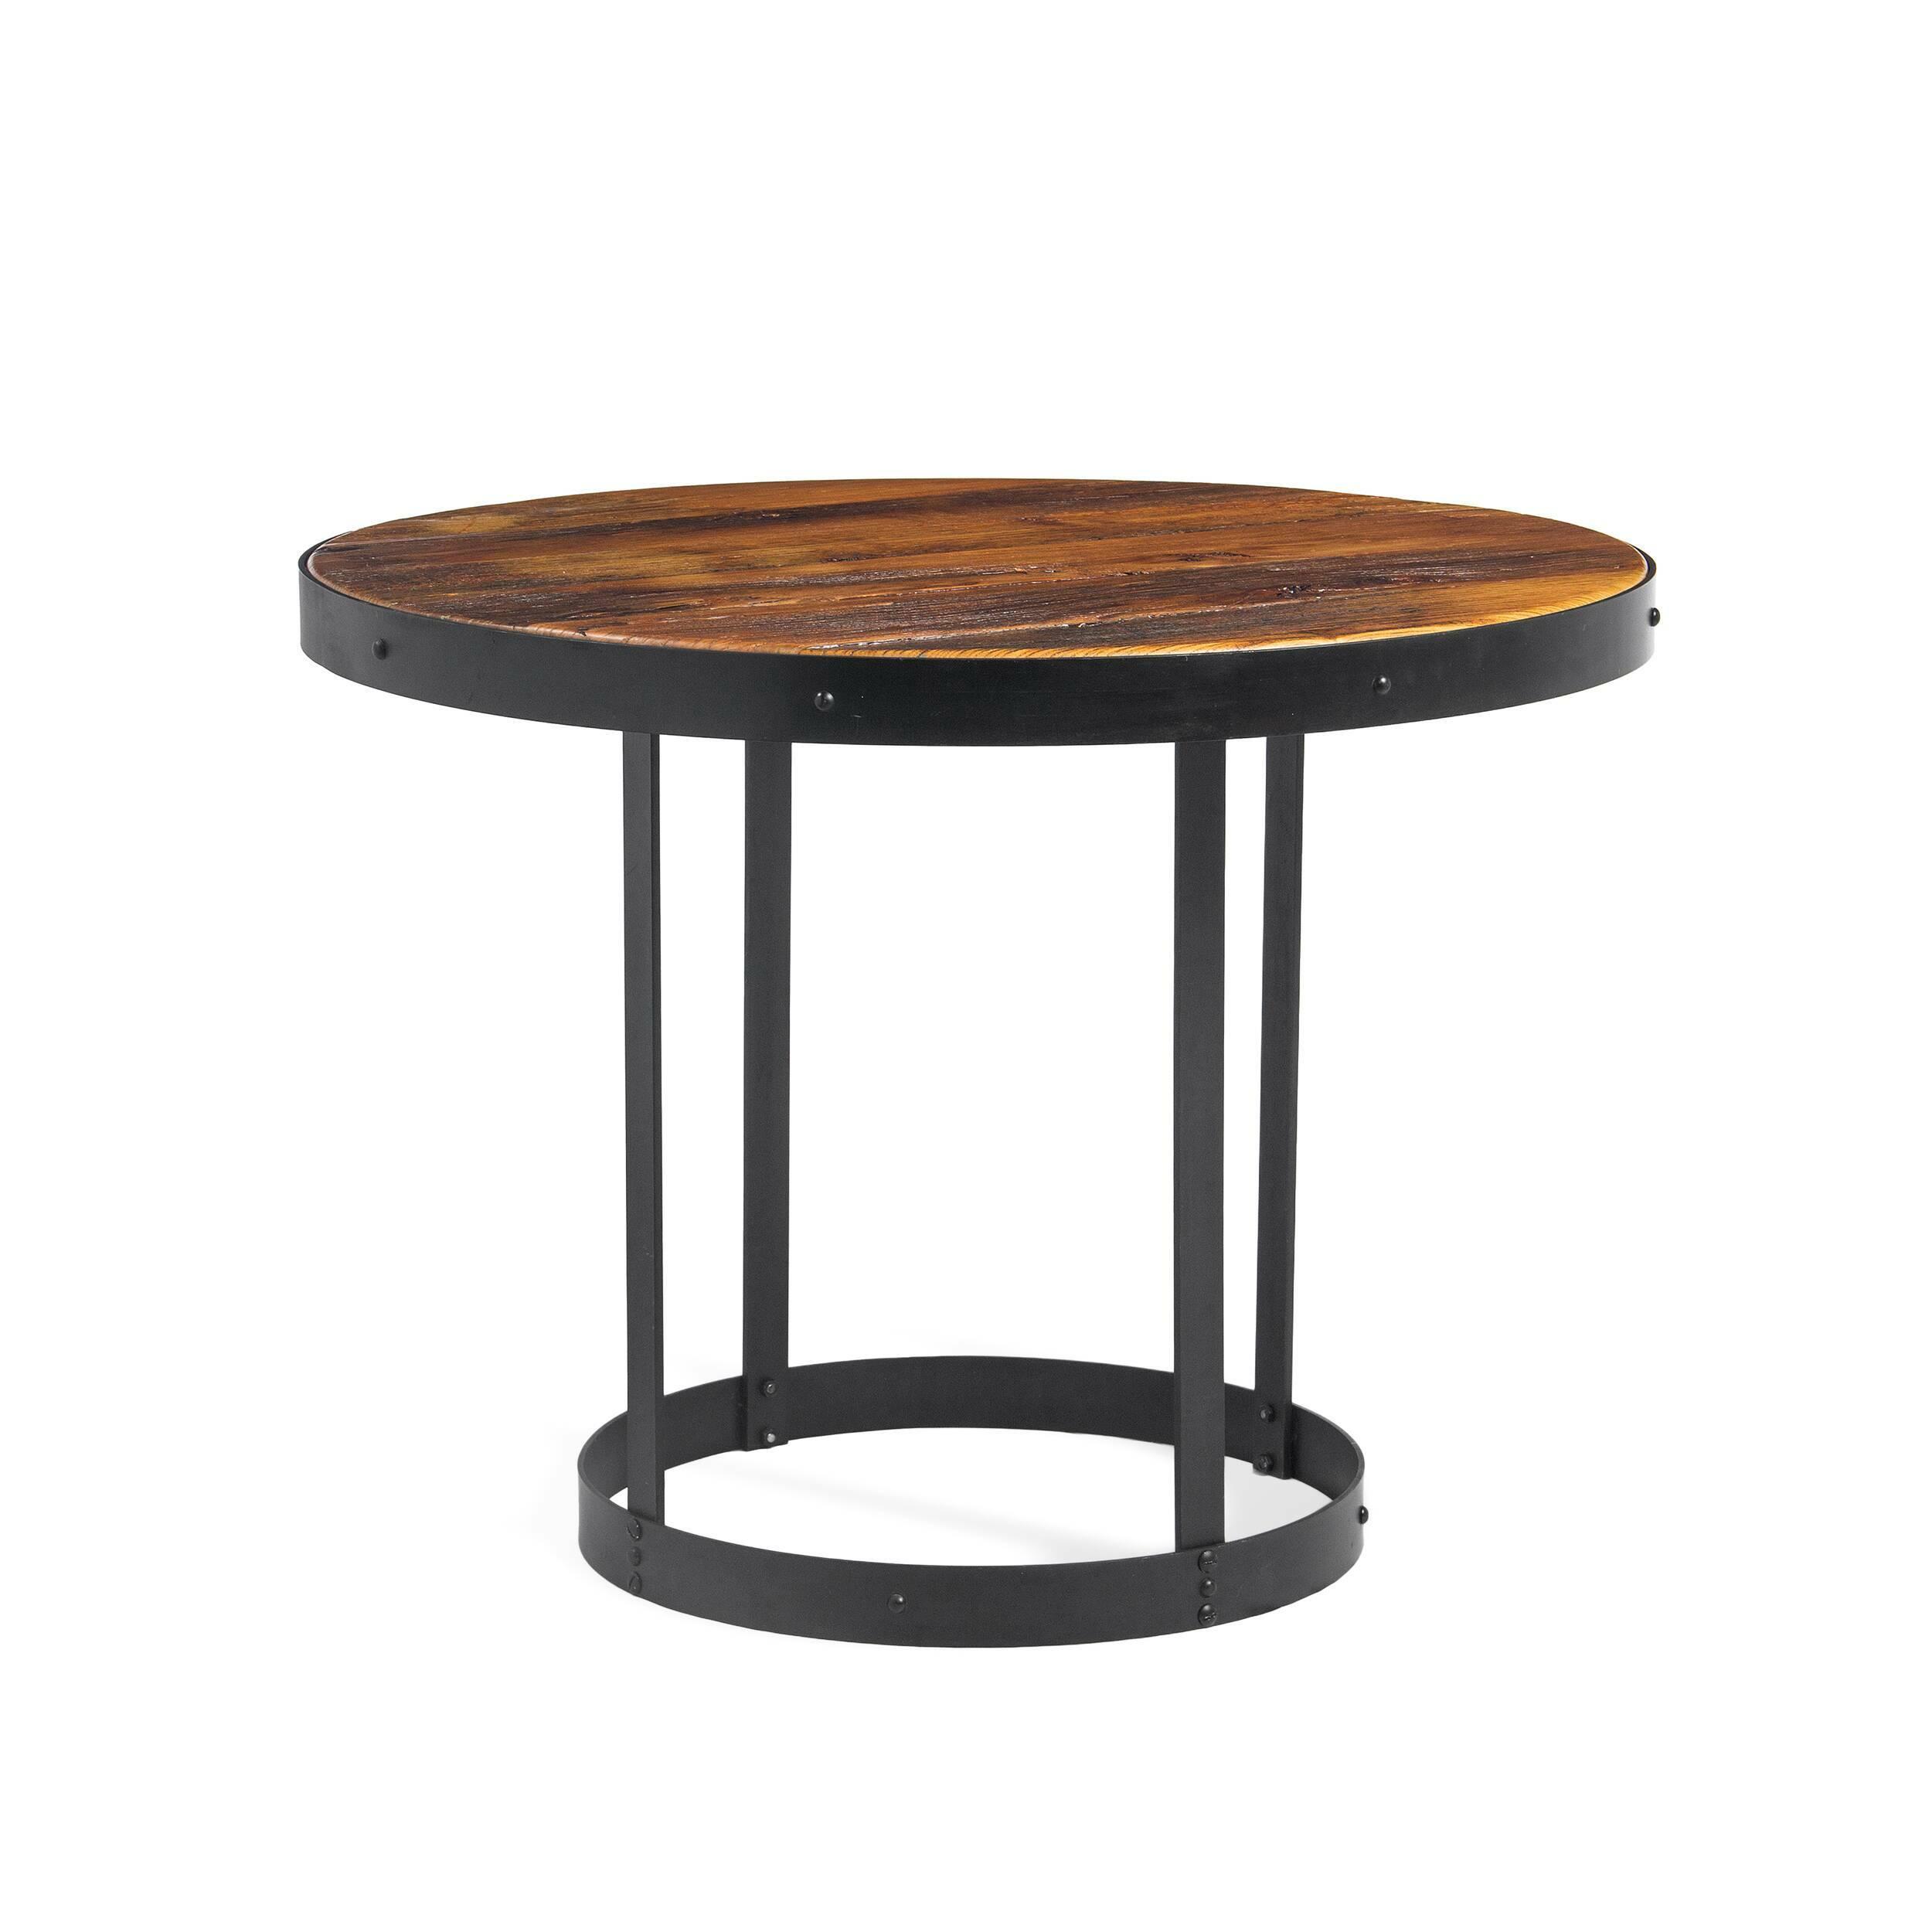 Обеденный стол CrampОбеденные<br>Дизайнерская круглый винтажный стол Cramp (Крэмп) со столешницей из состаренного массива вяза на металлическом каркасе от Cosmo (Космо).<br>         Представьте себе аромат горького кофе, спокойную музыку, мягкий свет. Кирпичные стены, кованые подсвечники и круглый винтажный столик — уютно, спокойно, можно с удовольствием расслабиться, отдыхая после рабочего дня. Изготовленный в индустриальном стиле стол Cramp сочетает в себе холод металла и теплоту дерева, он станет одним из тех важных элемент...<br><br>stock: 0<br>Высота: 75,5<br>Диаметр: 100<br>Цвет ножек: Черный<br>Цвет столешницы: Коричневый<br>Материал столешницы: Массив вяза состаренный<br>Тип материала столешницы: Дерево<br>Тип материала ножек: Сталь